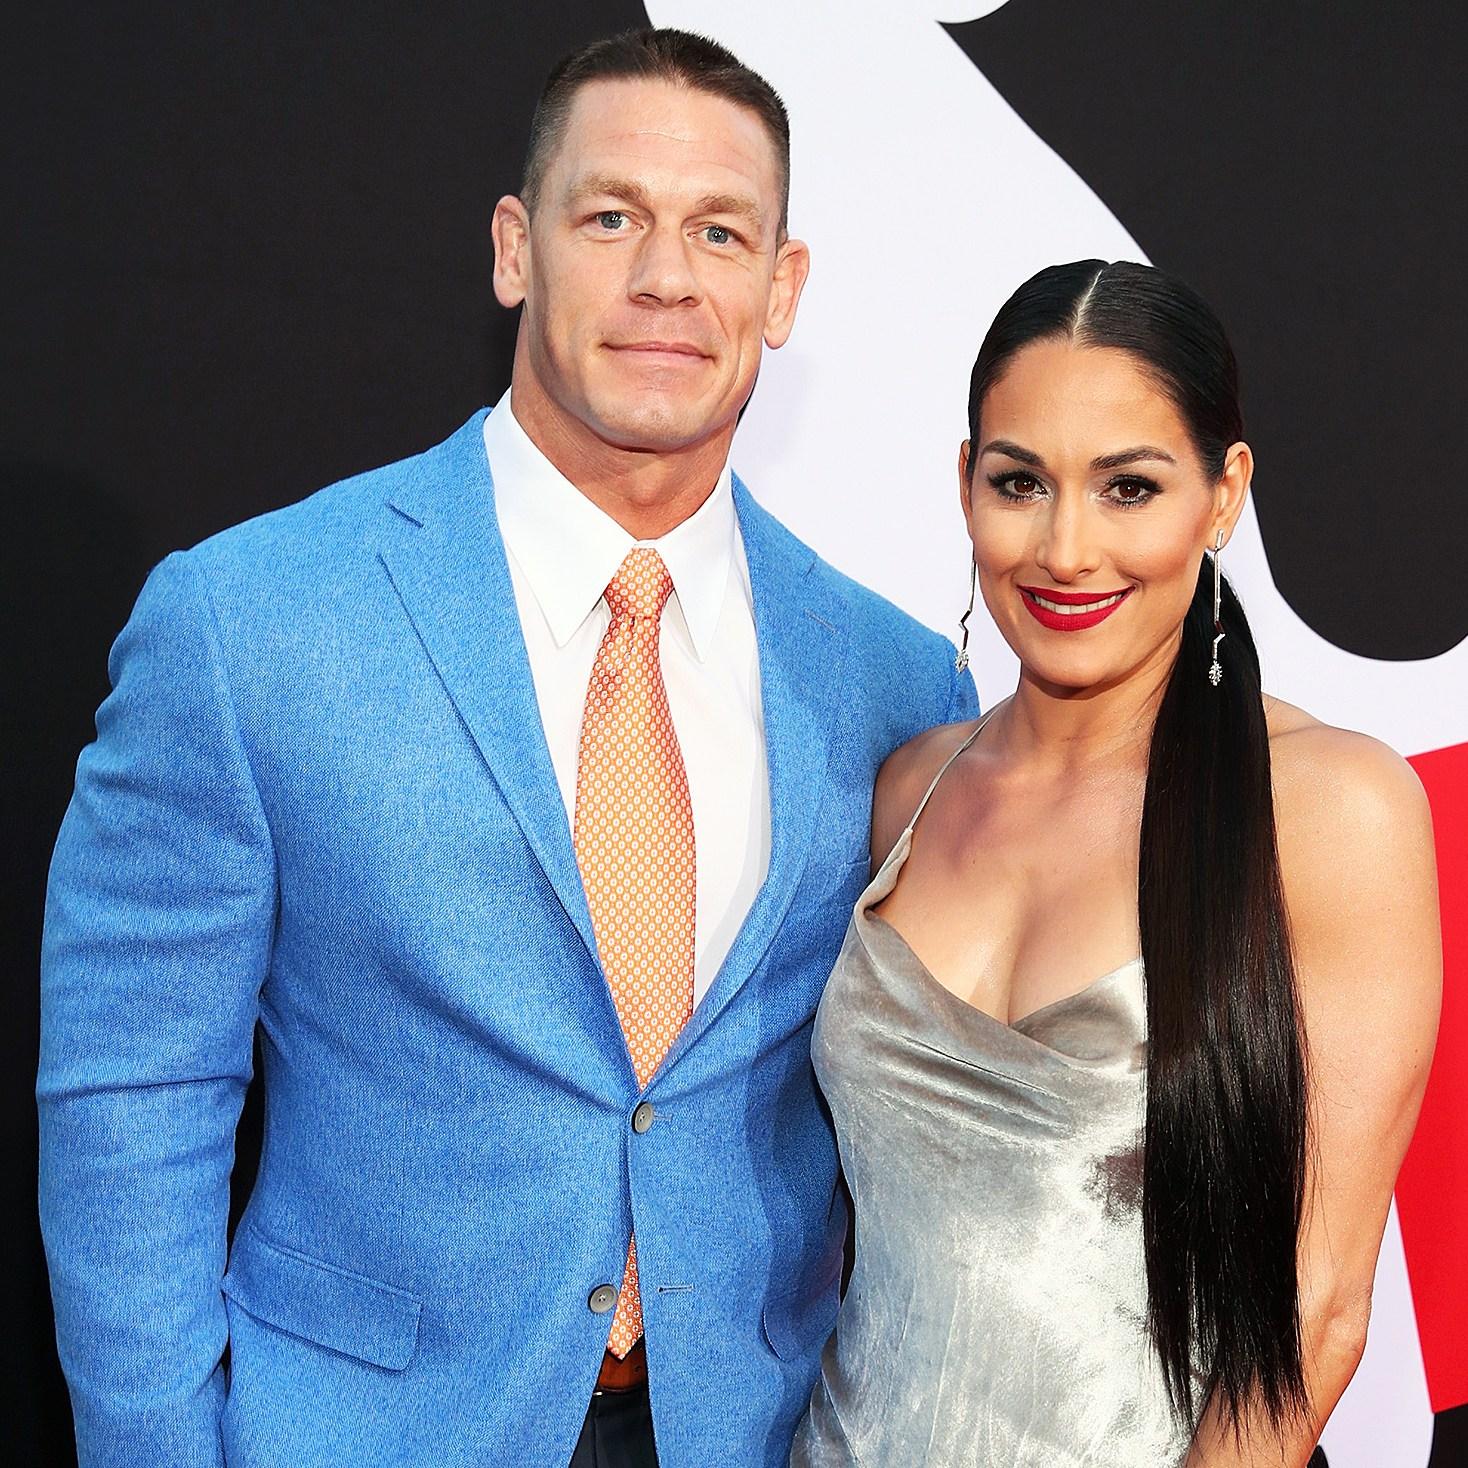 John Cena Nikki Bella Could Get Back Together